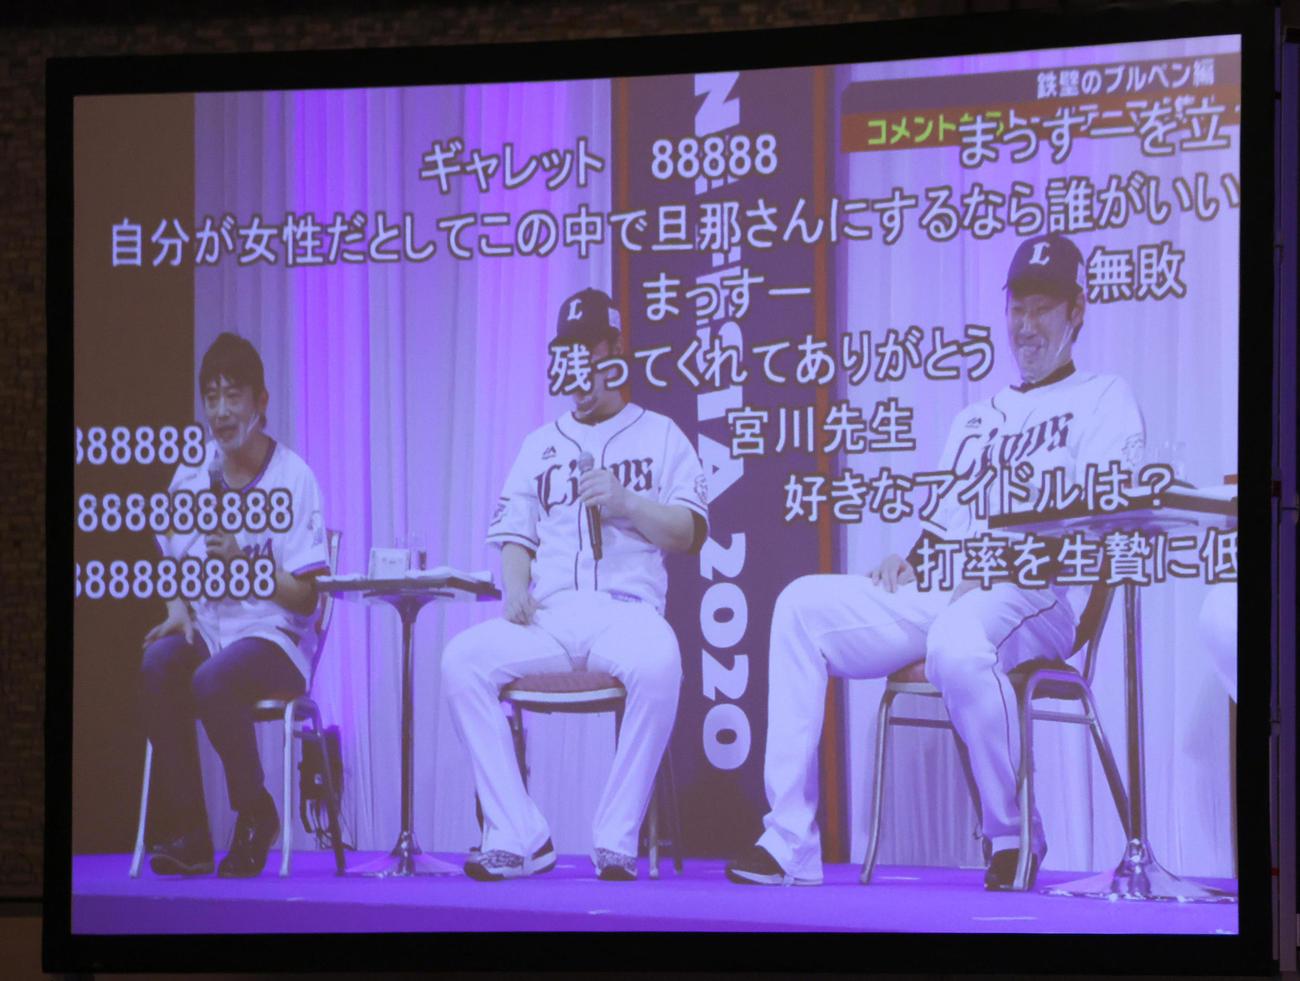 ファンからのチーム残留を感謝するコメントに笑顔を見せる西武増田(画面右)(撮影・足立雅史)